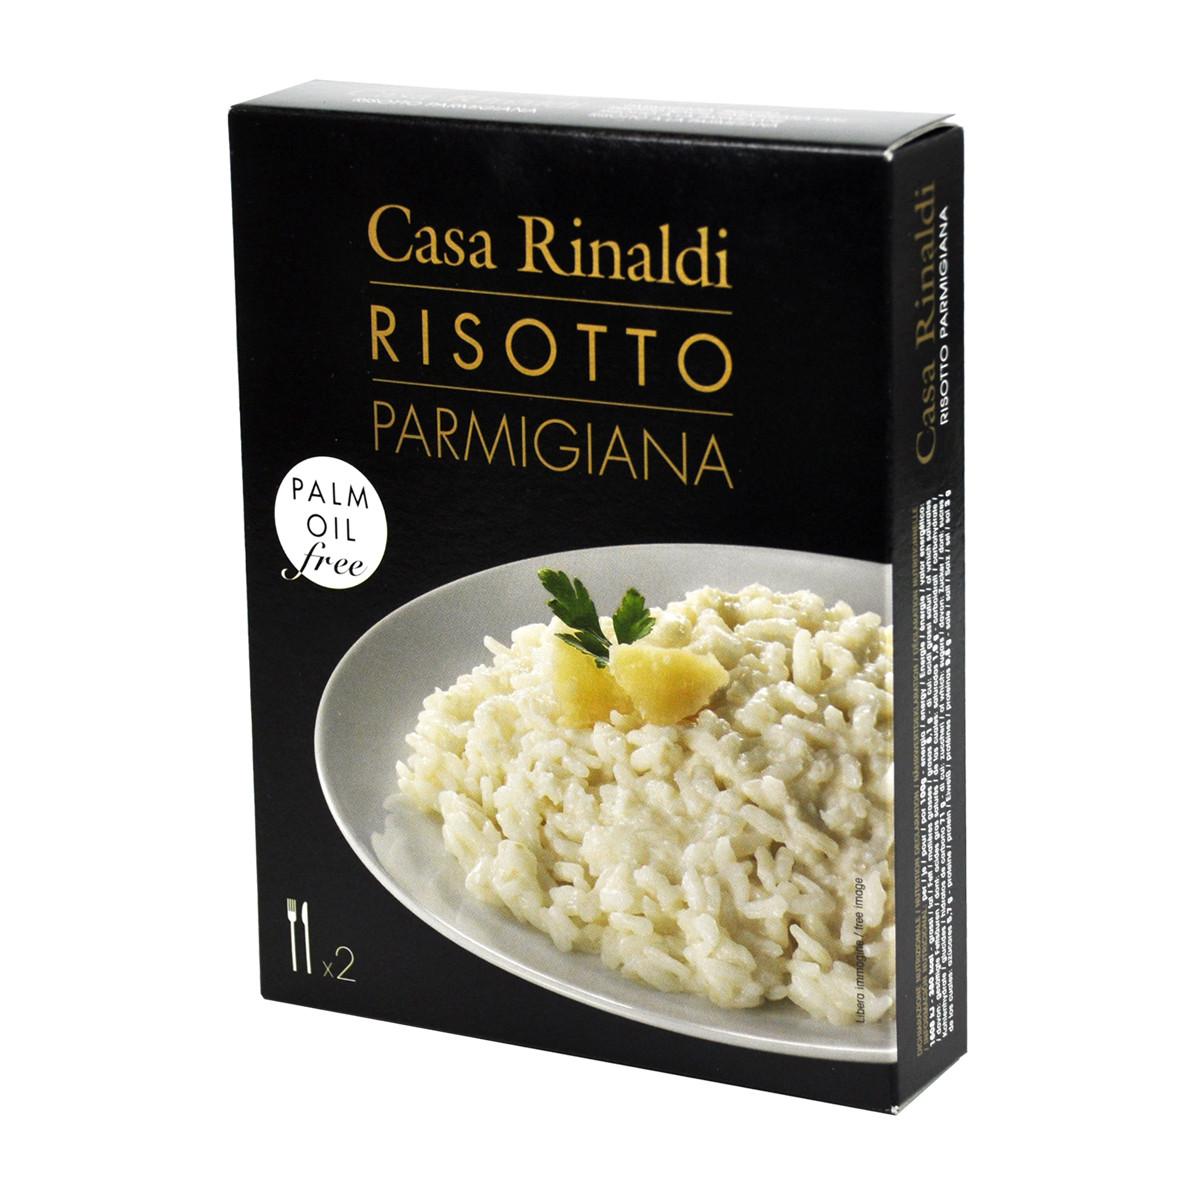 Ризотто с пармезаном Casa Rinaldi 175г - Casa Rinaldi - продукты итальянского фермерства в Киеве